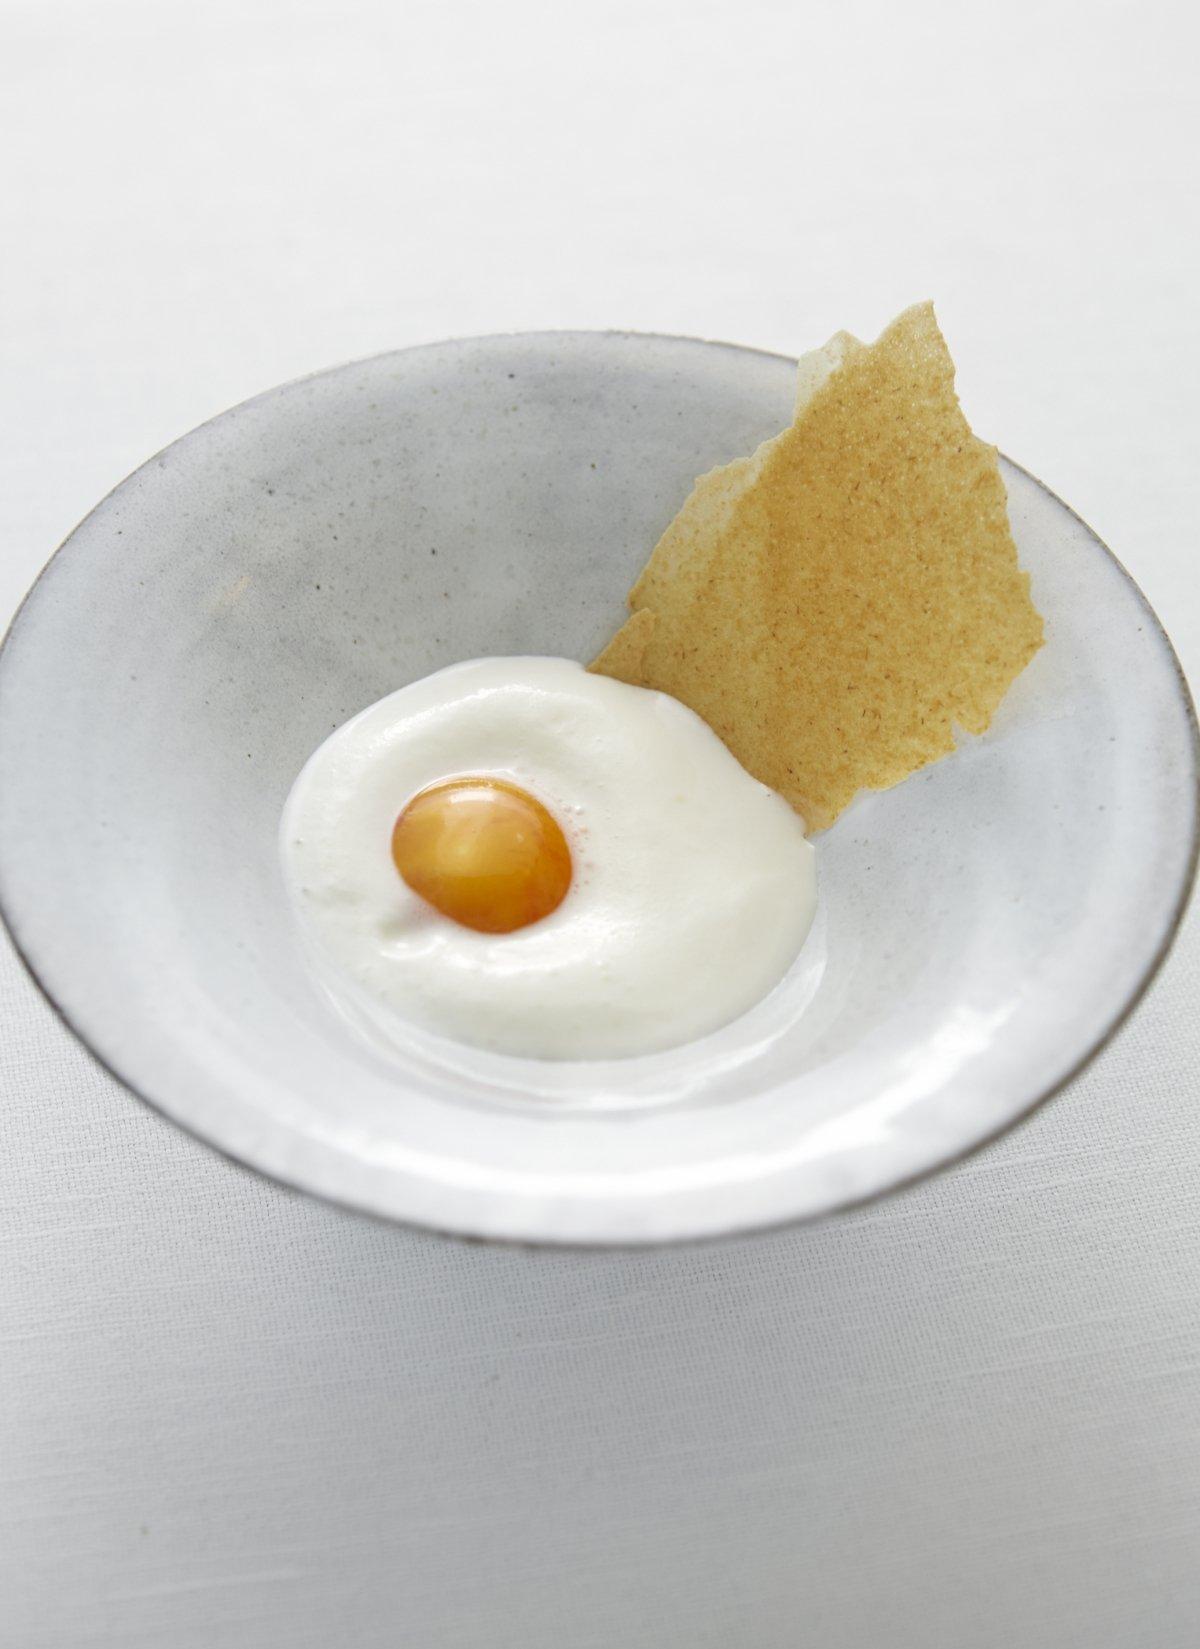 Huevo curado, avena y leche de cabra del restaurante Gastrologik